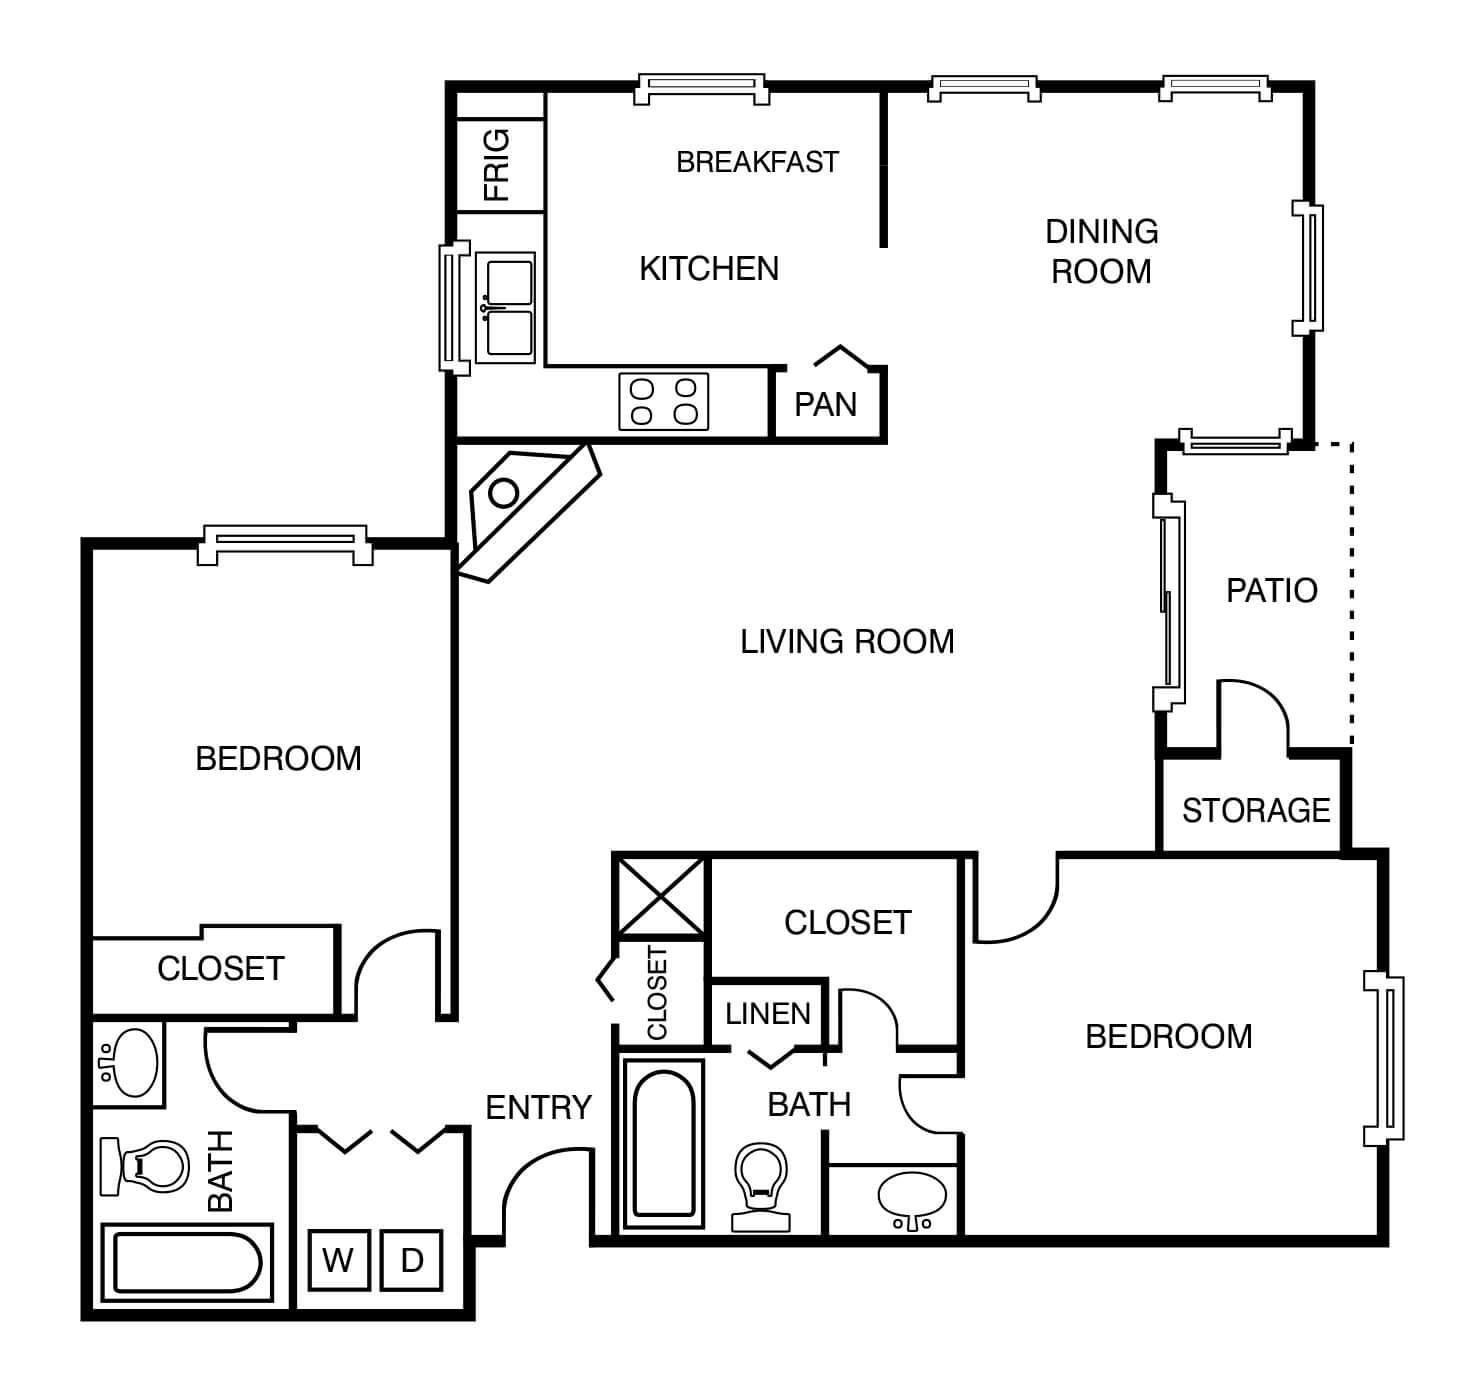 2 bed 2 bath - 1083-1089 sq ft.